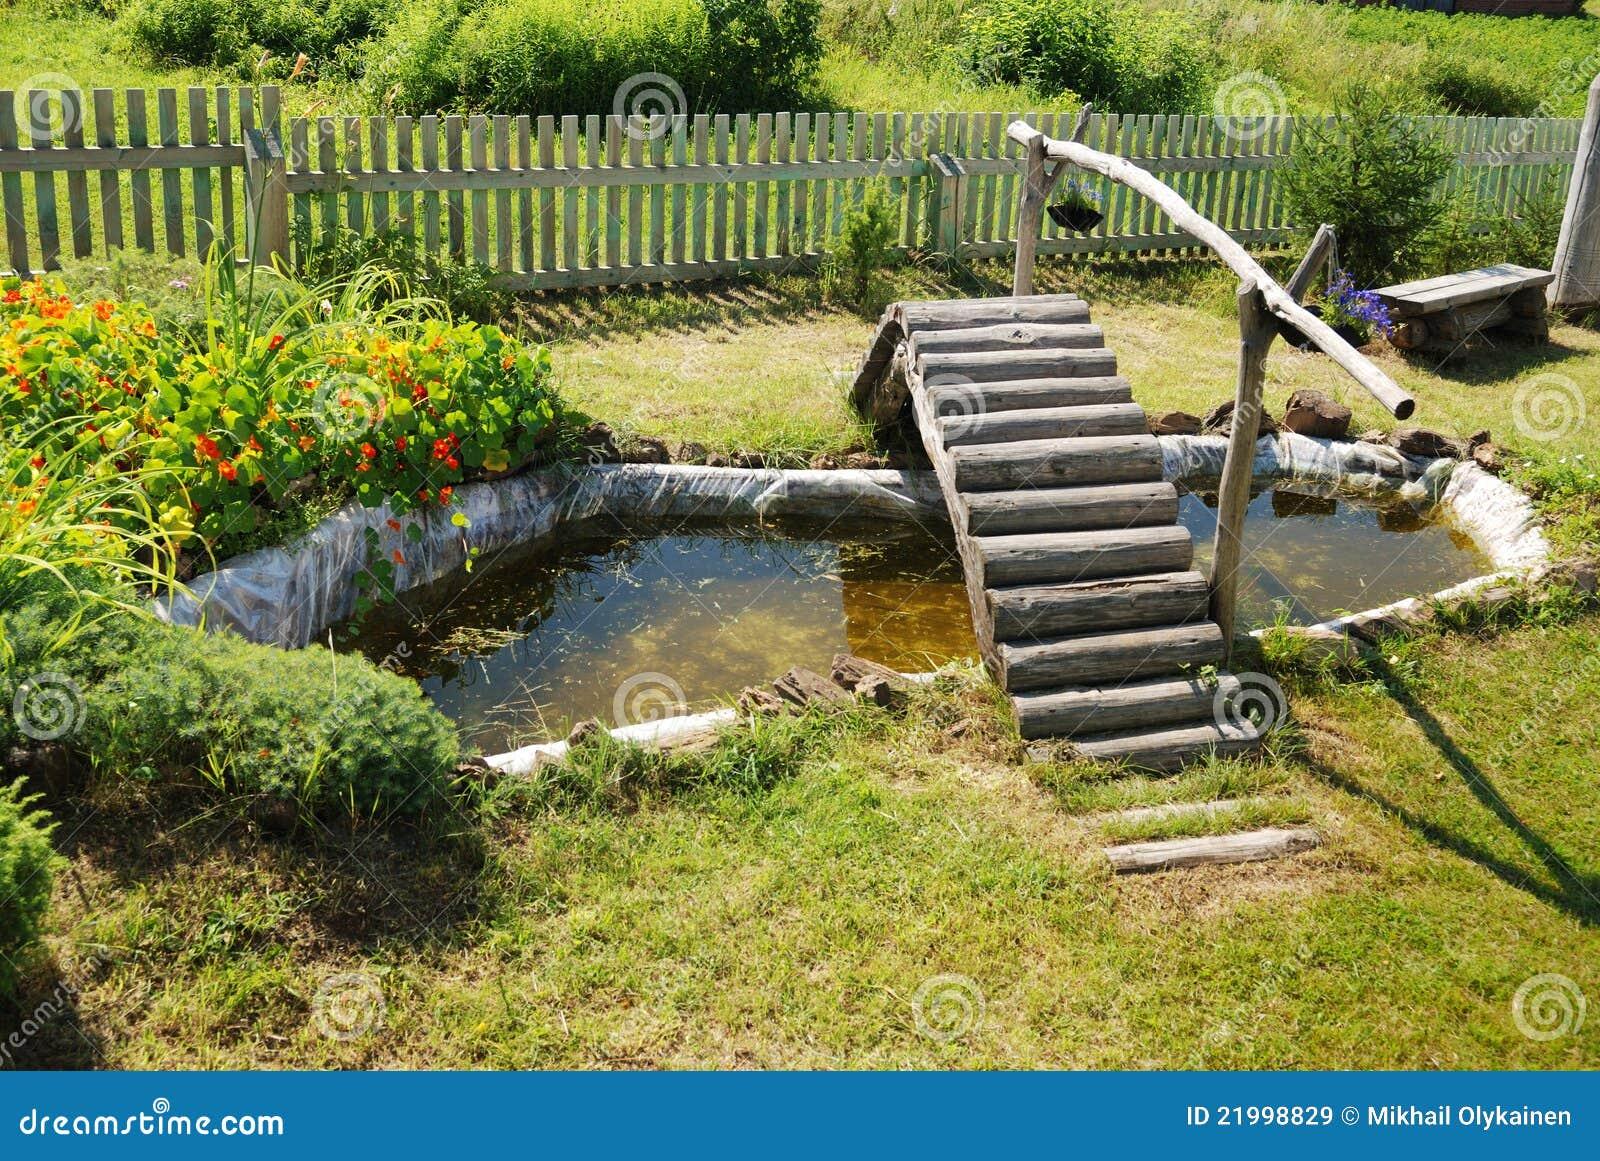 Kleiner Gartenteich Mit Holzerner Brucke Stockbild Bild Von Fische